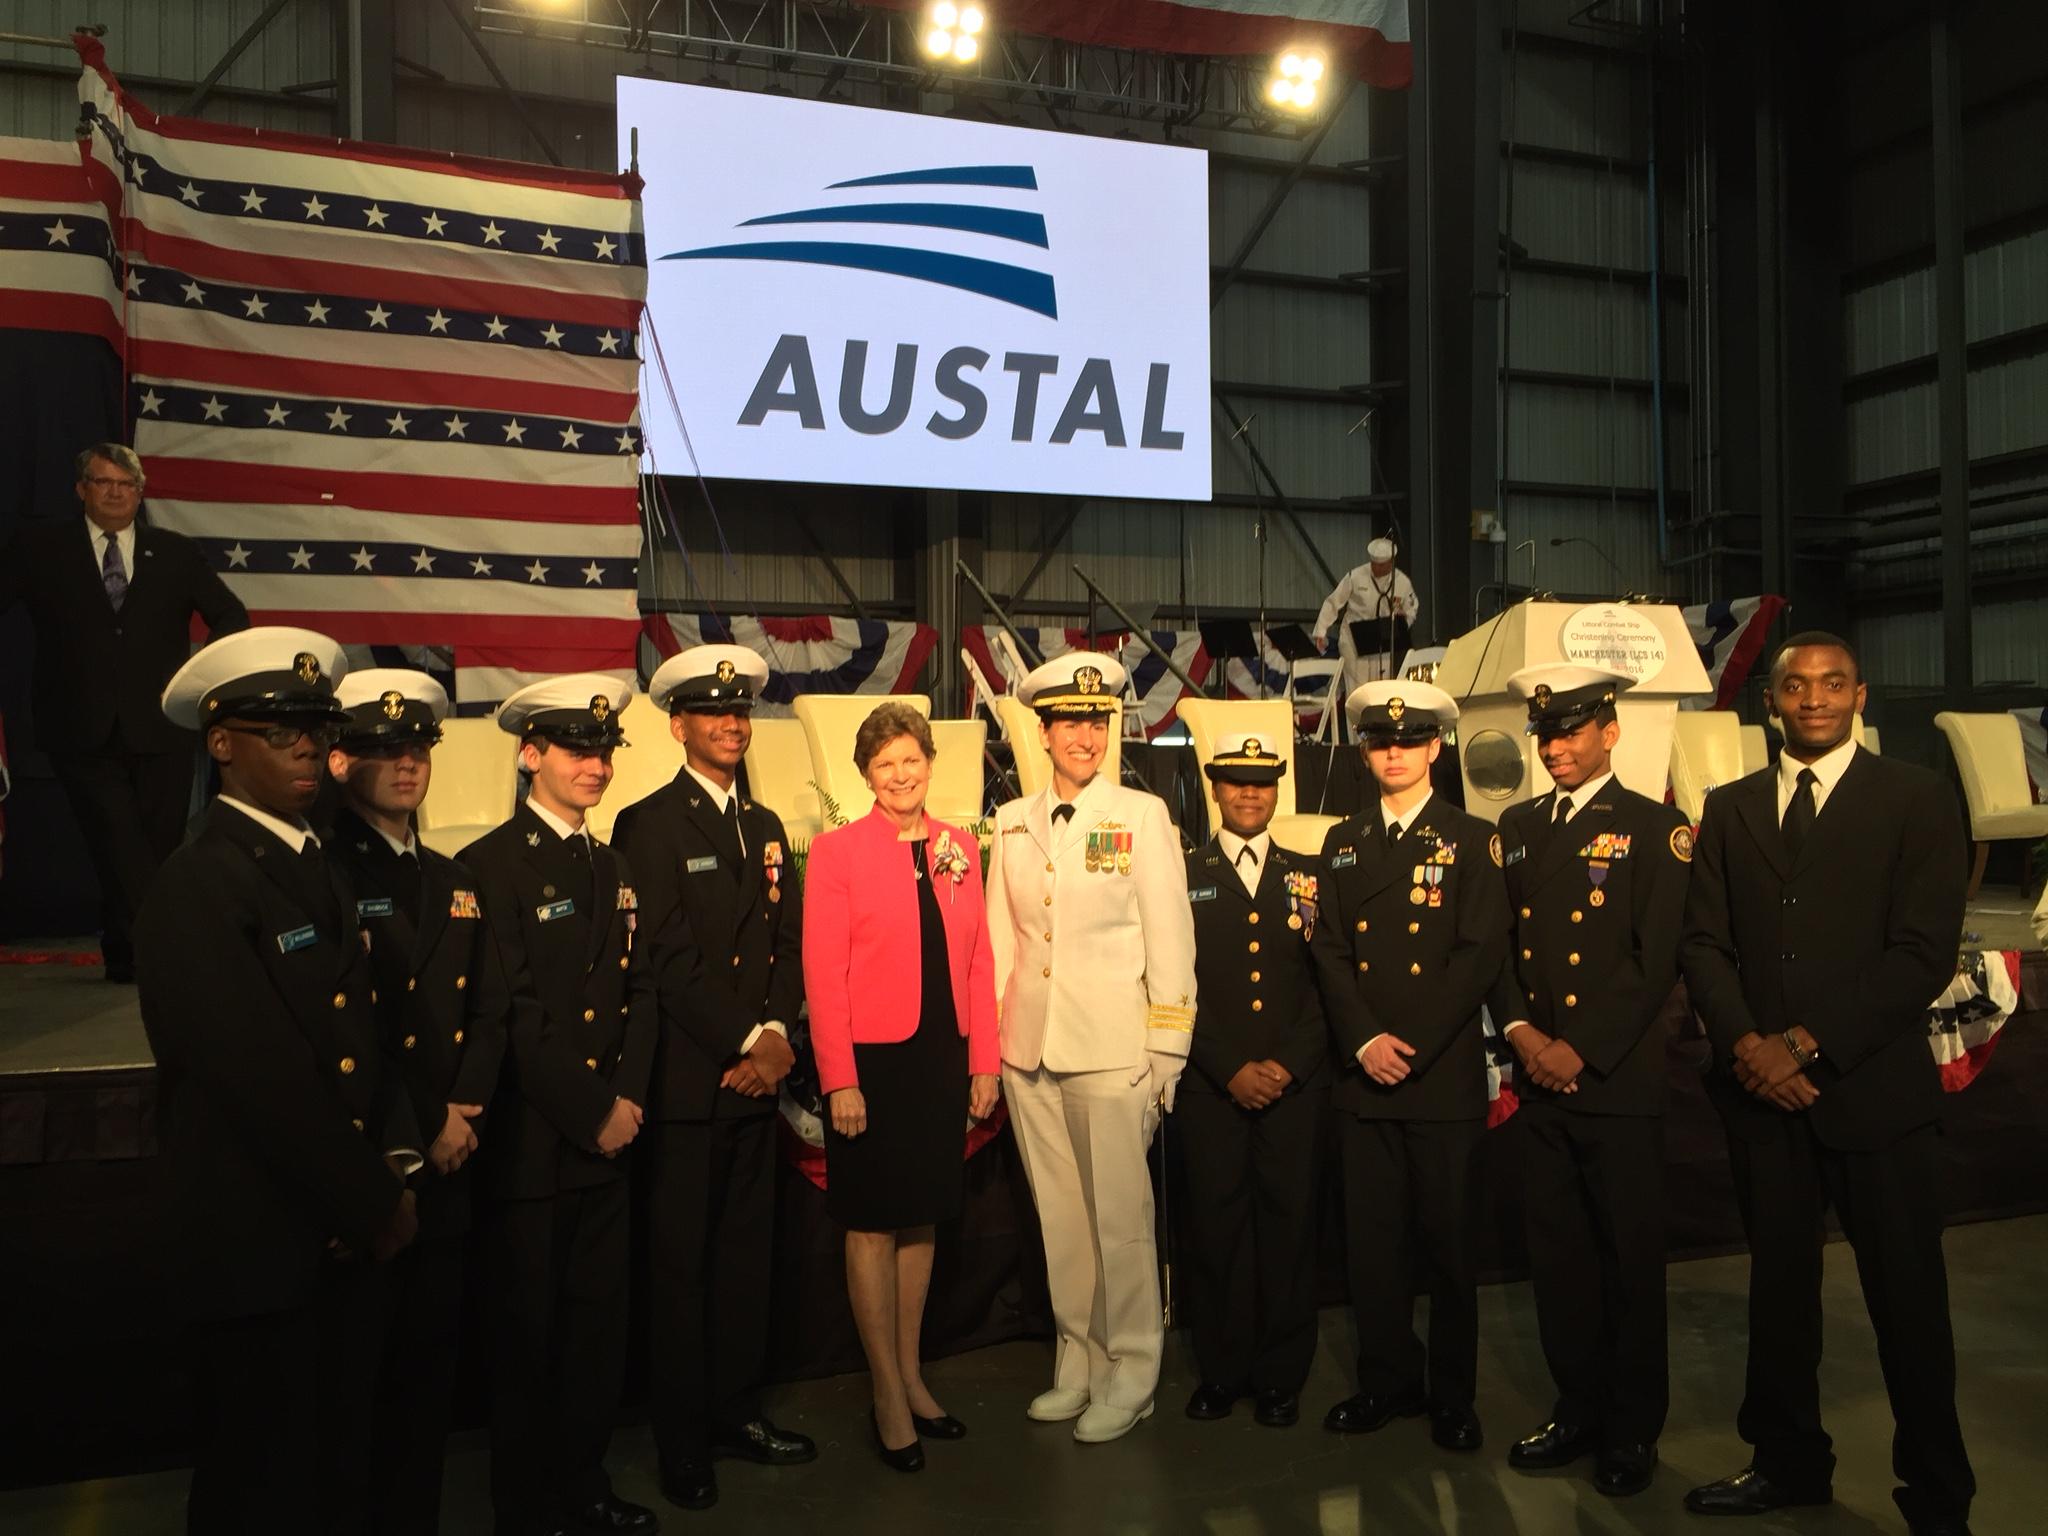 SHAHEEN CHRISTENS USS MANCHESTER, NEW LITTORAL COMBAT SHIP